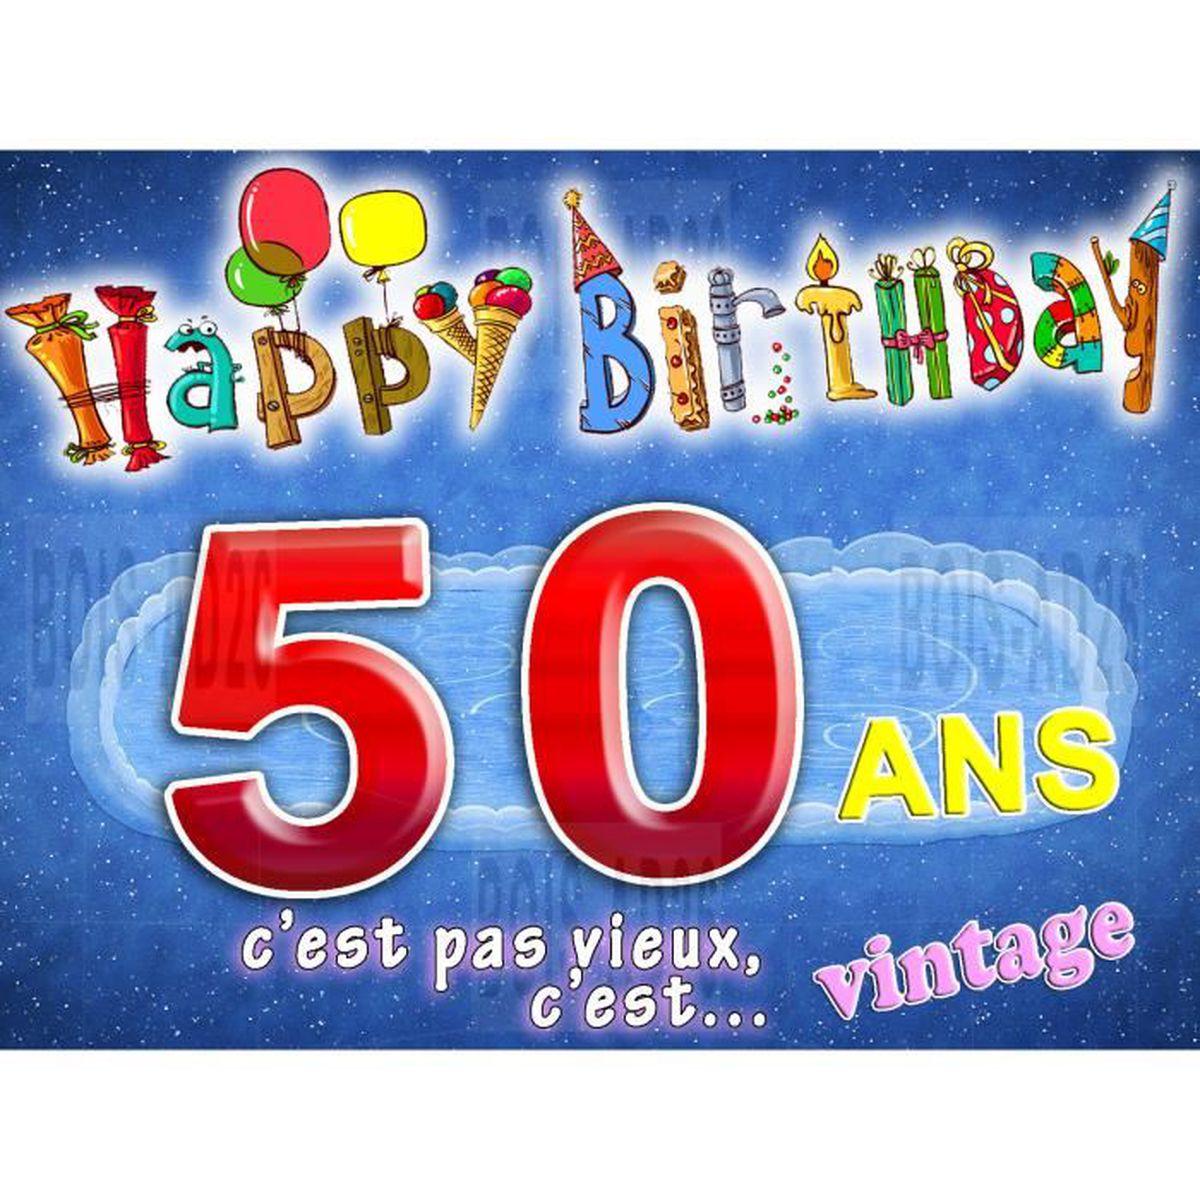 CARTE ANNIVERSAIRE 50 ANS HUMOUR - Achat / Vente faire-part - invitation CARTE ANNIVERSAIRE 50 ...